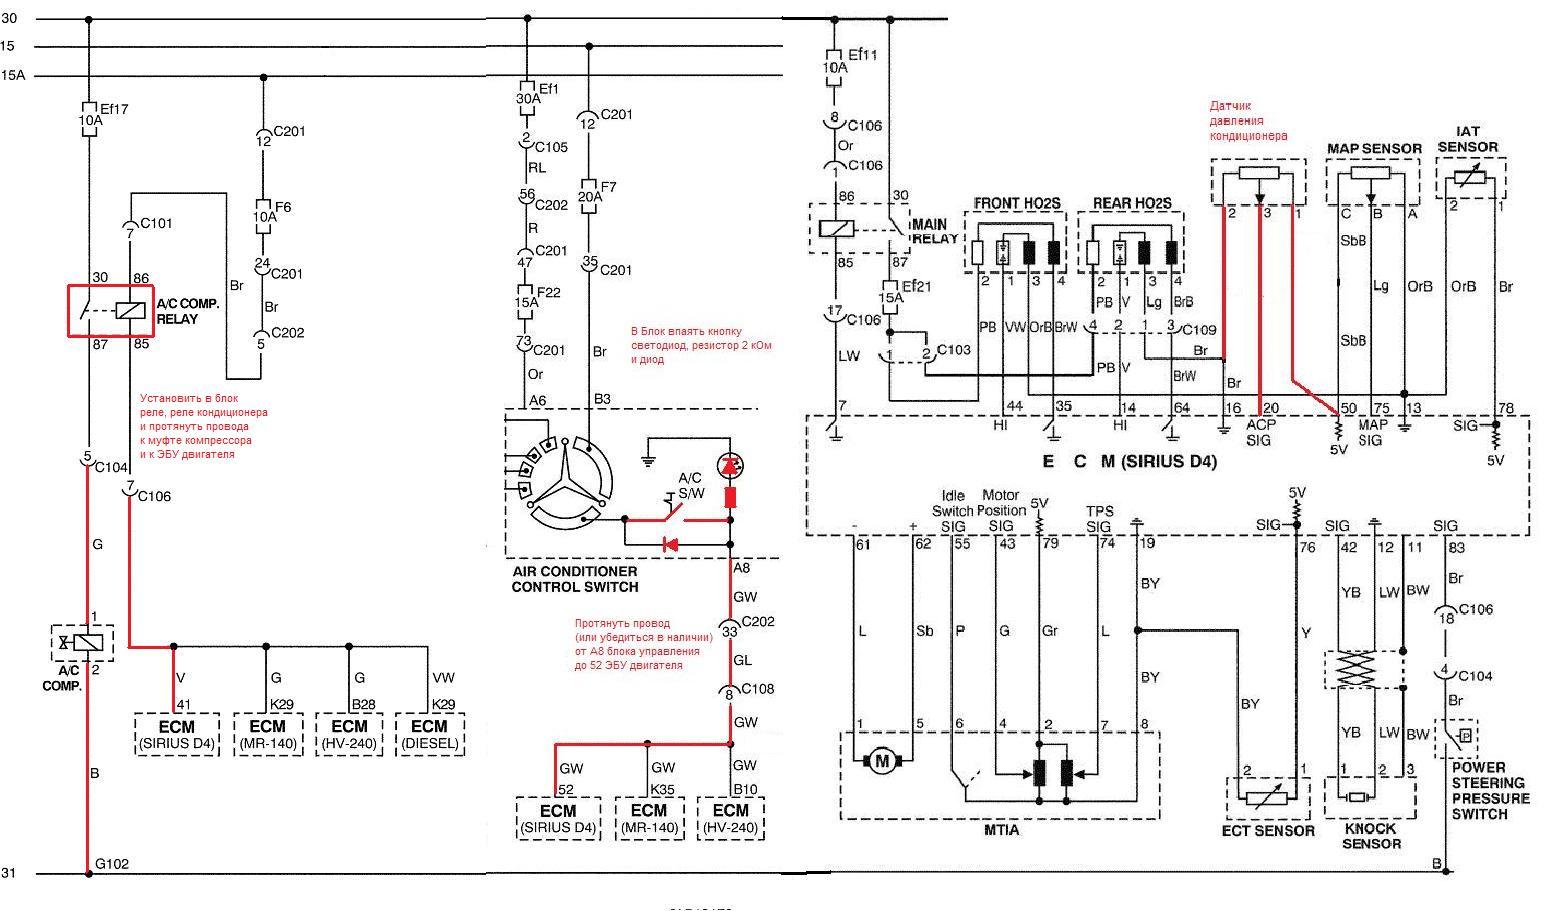 Схема включения компрессора бытового кондиционера.